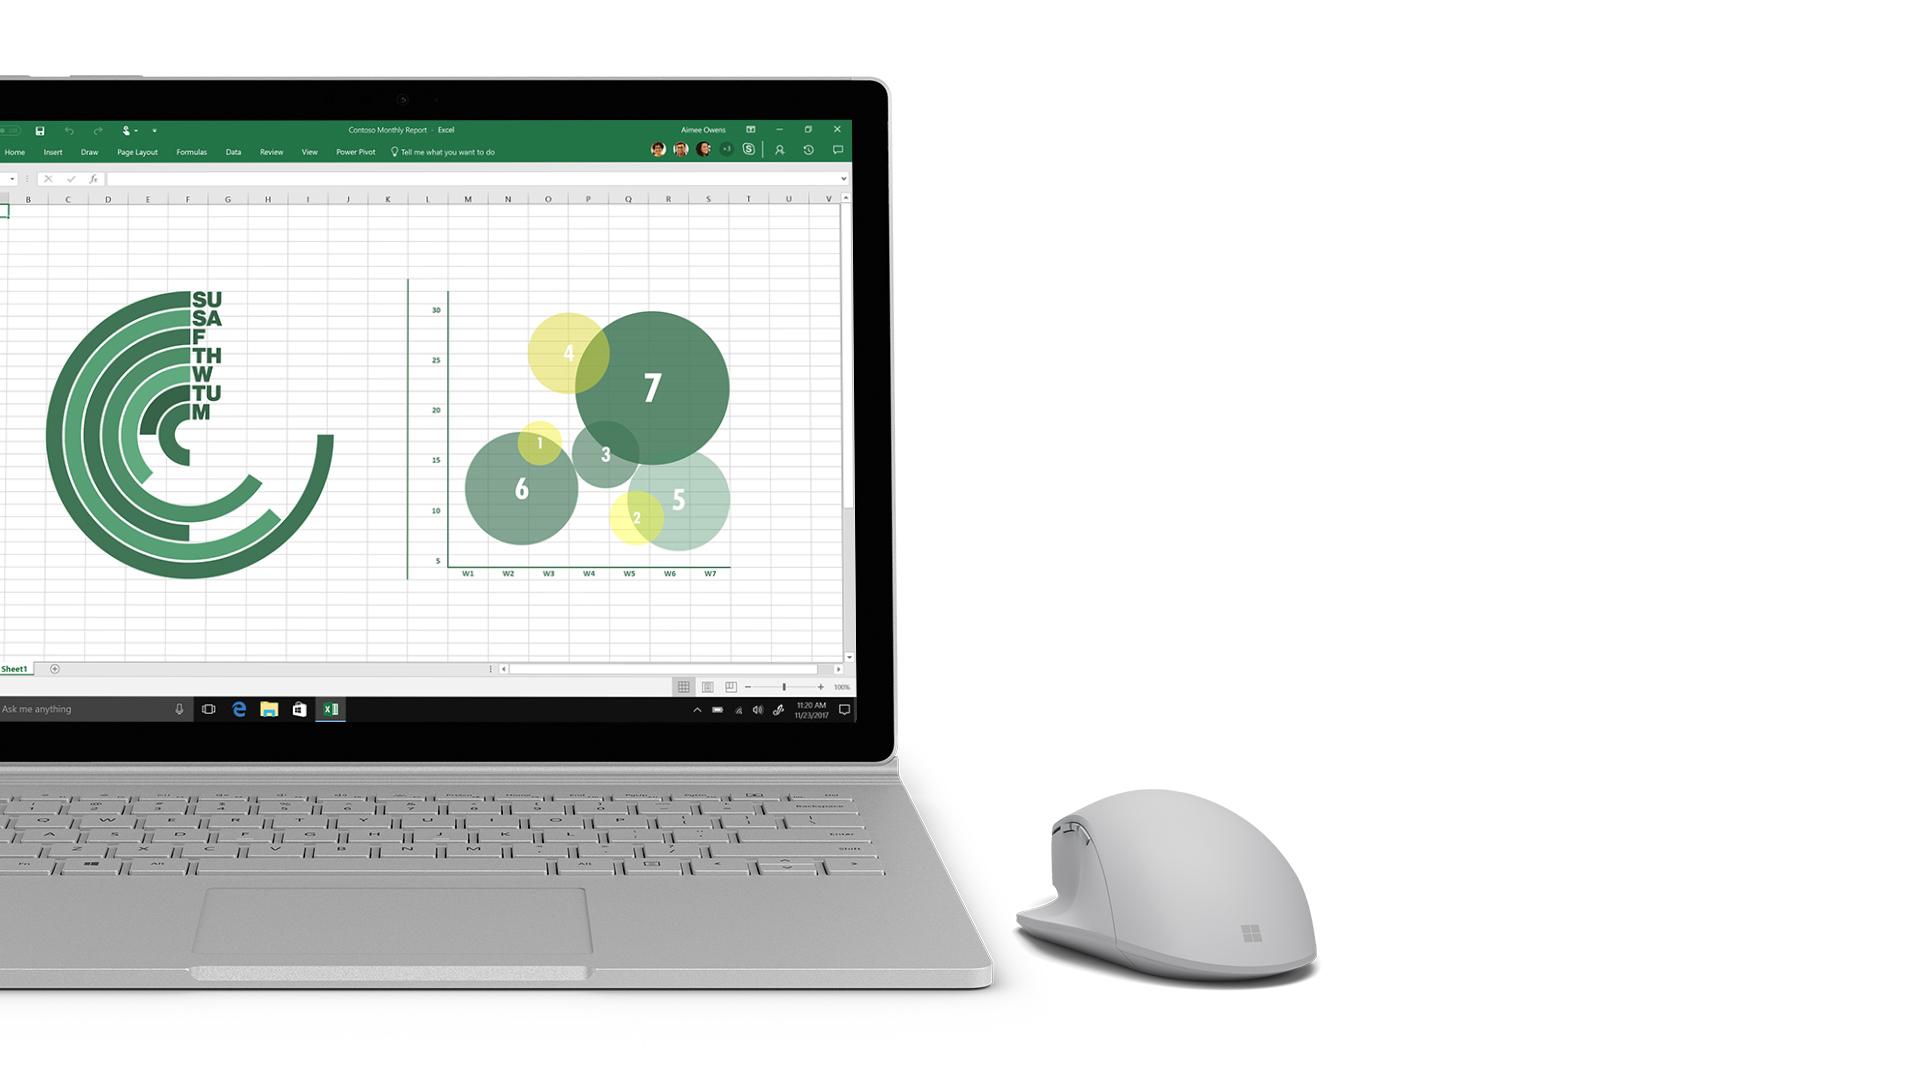 Surface 上の Excel のスクリーン ショット。